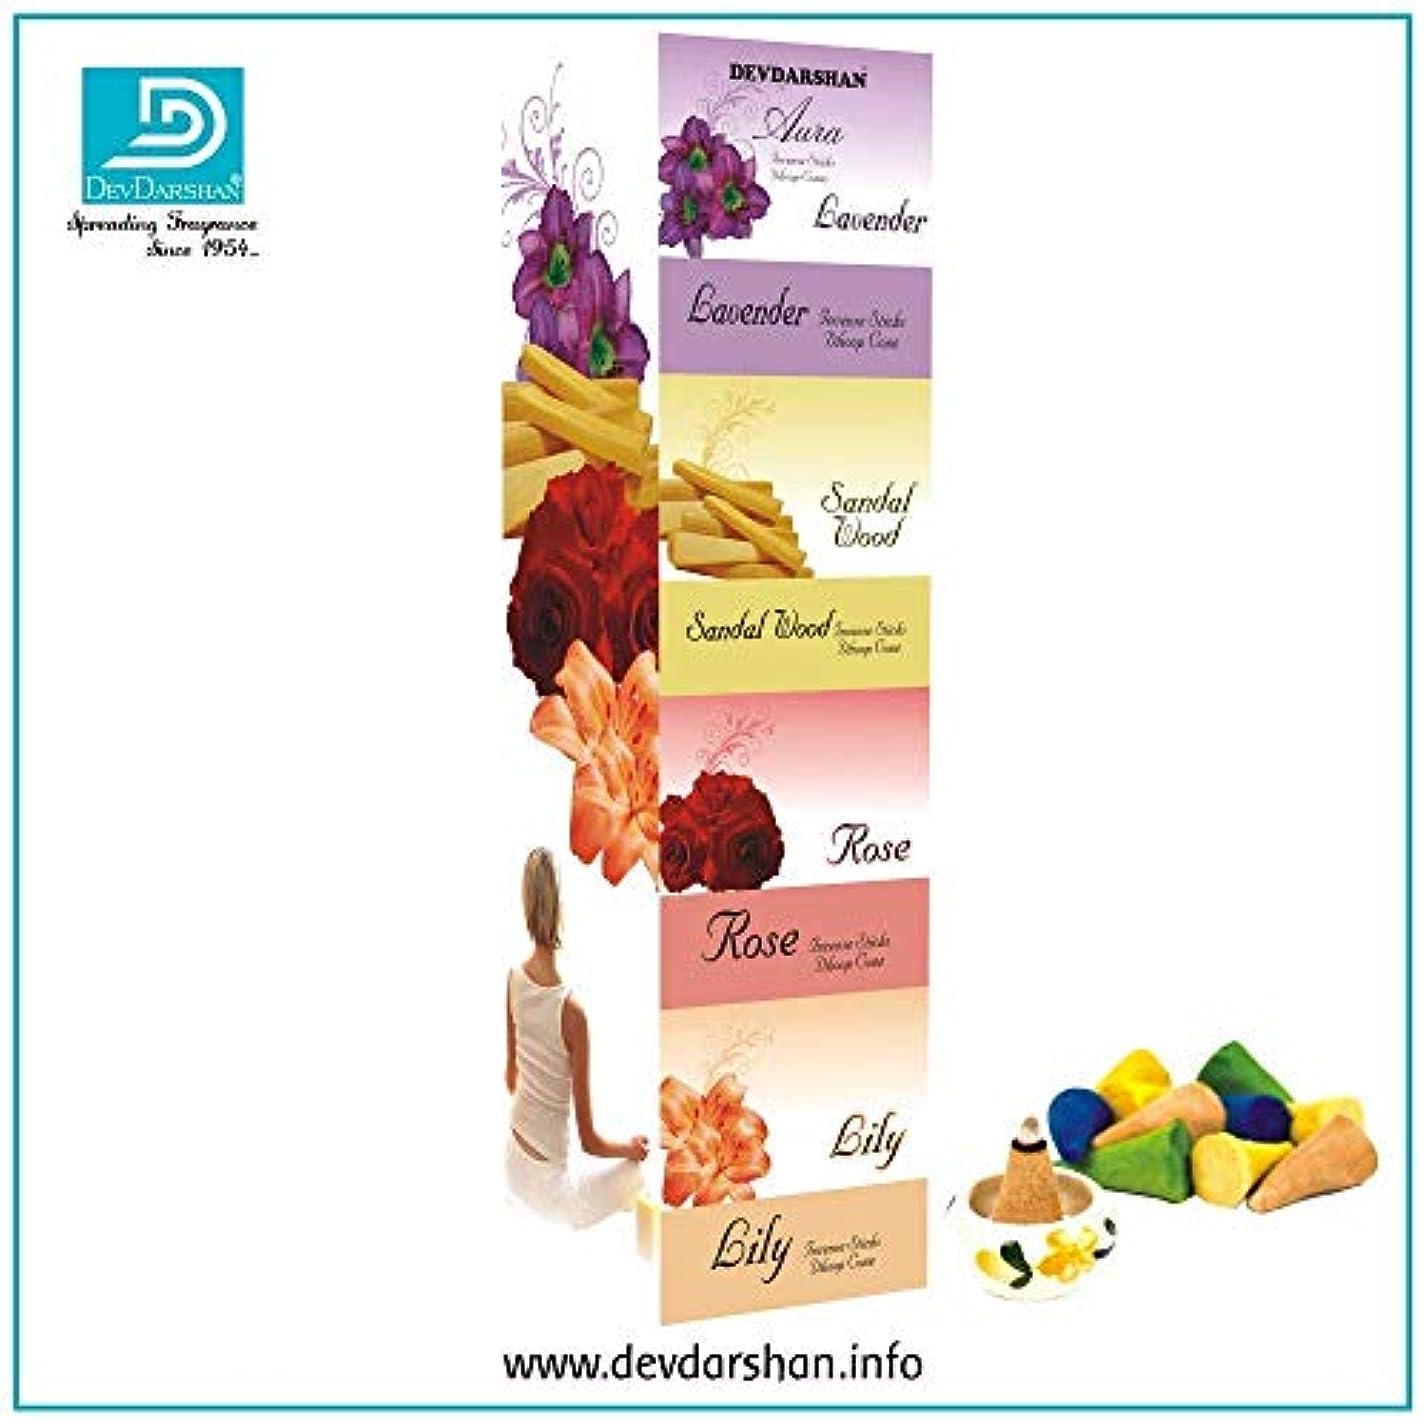 流産匹敵します高潔なDevdarshan Aura Dry Dhoop Cones (Lavender, Sandalwood, Rose, Lily) 3 Units of 40g Each Fragrance, Pack of 12 Units